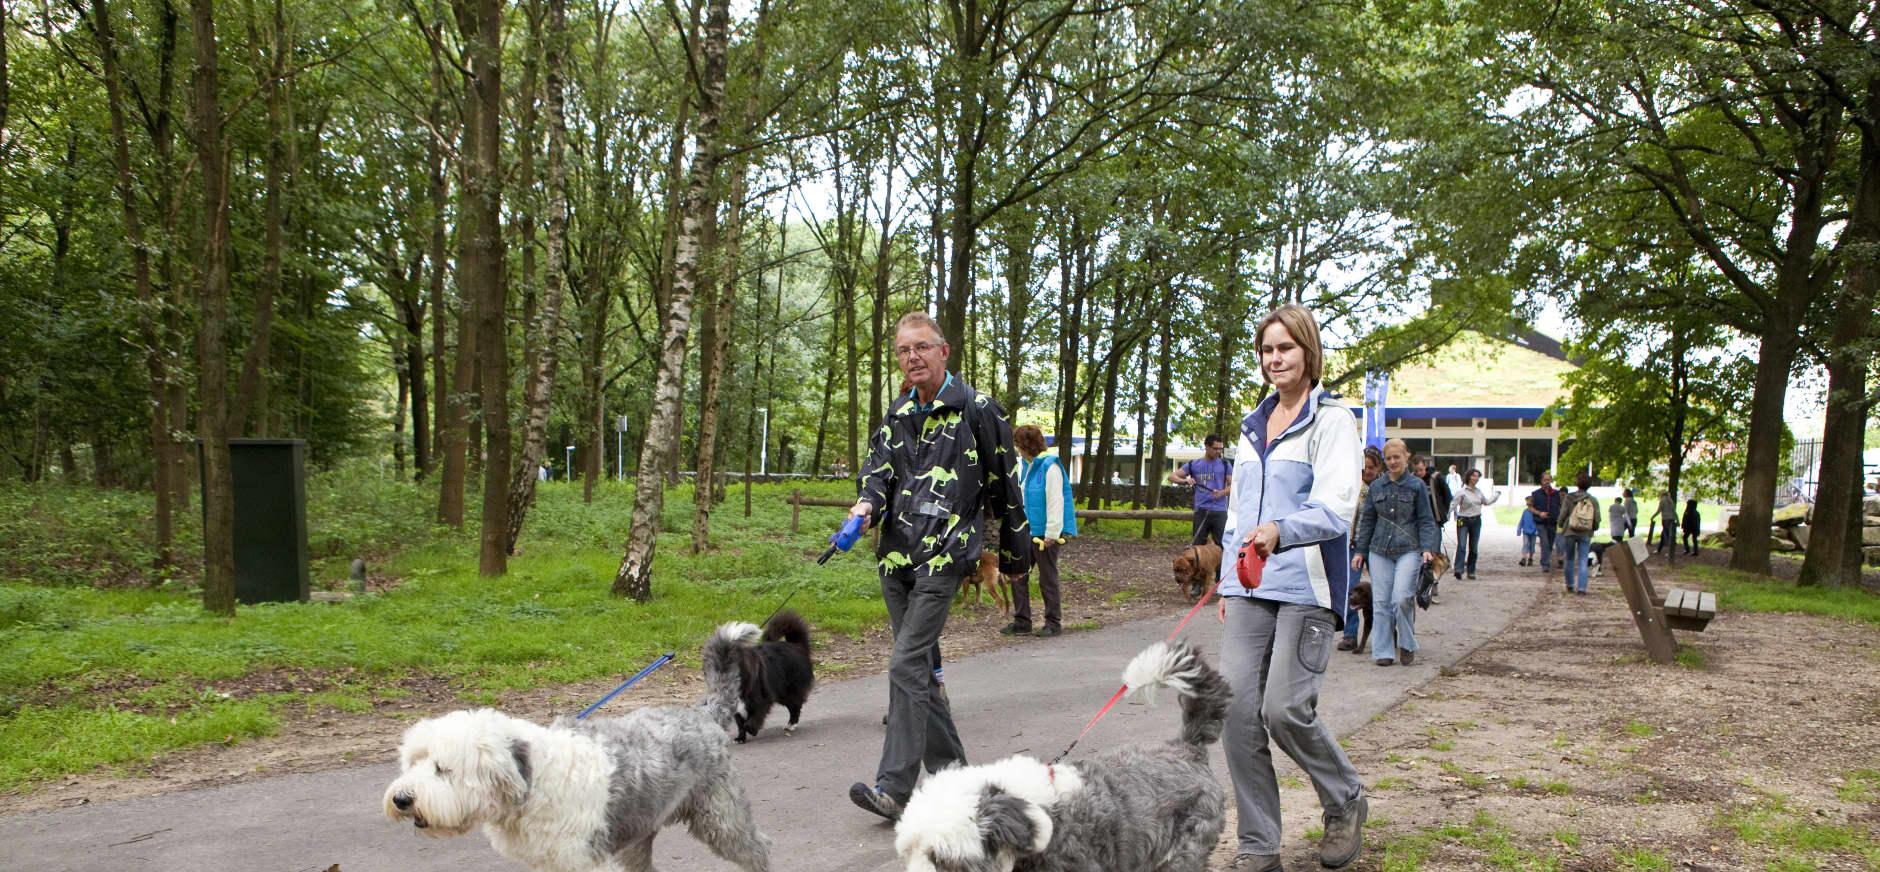 Begeleide hondenwandeling (Dag van de Hond)